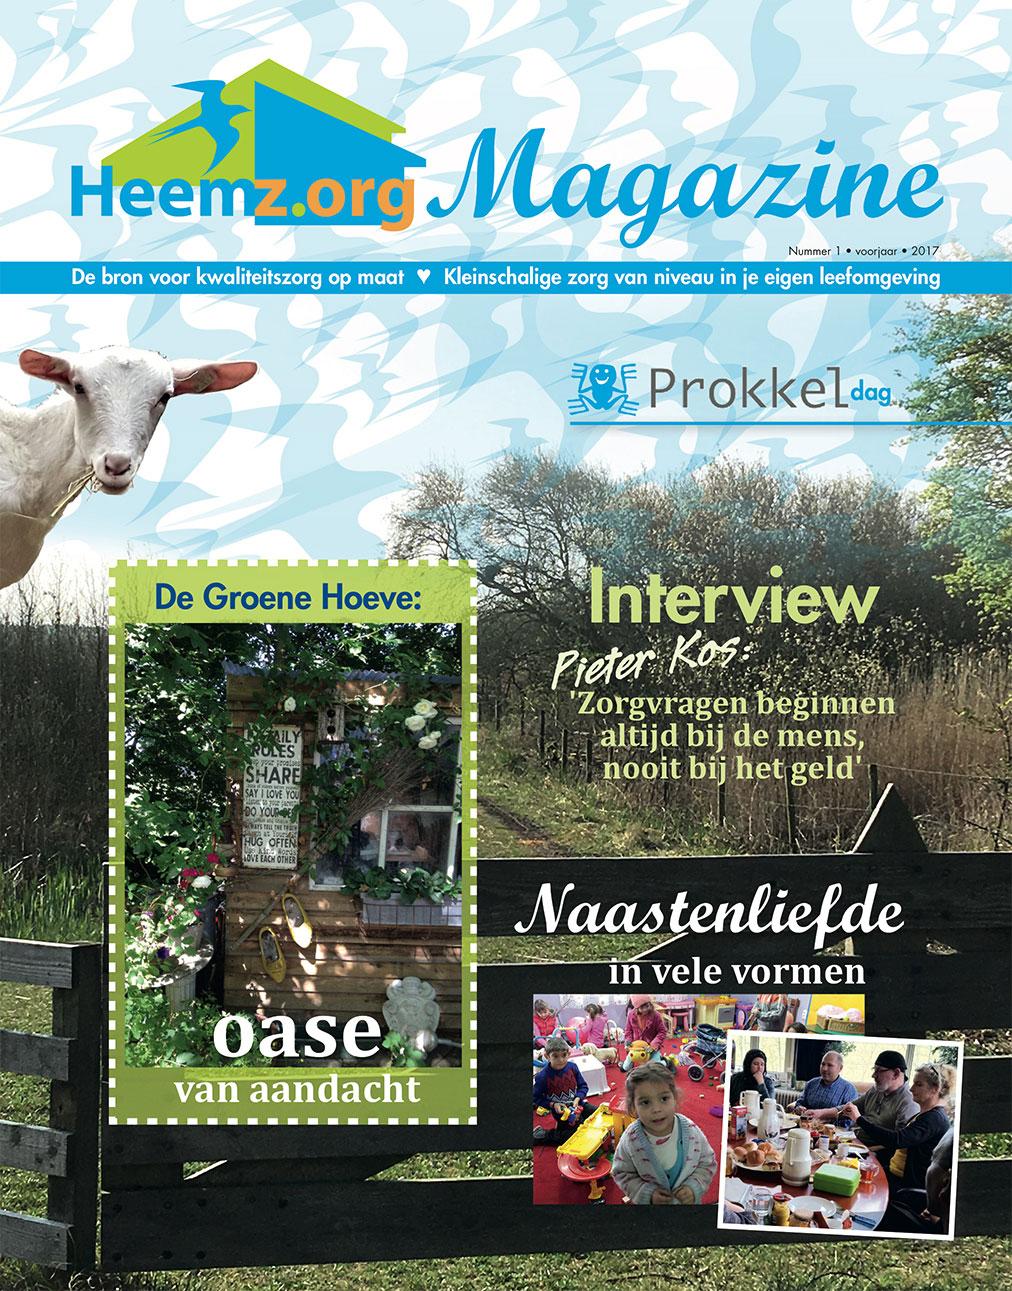 Heemz.org Magazine nr. 1 2017 nu digitaal te downloaden